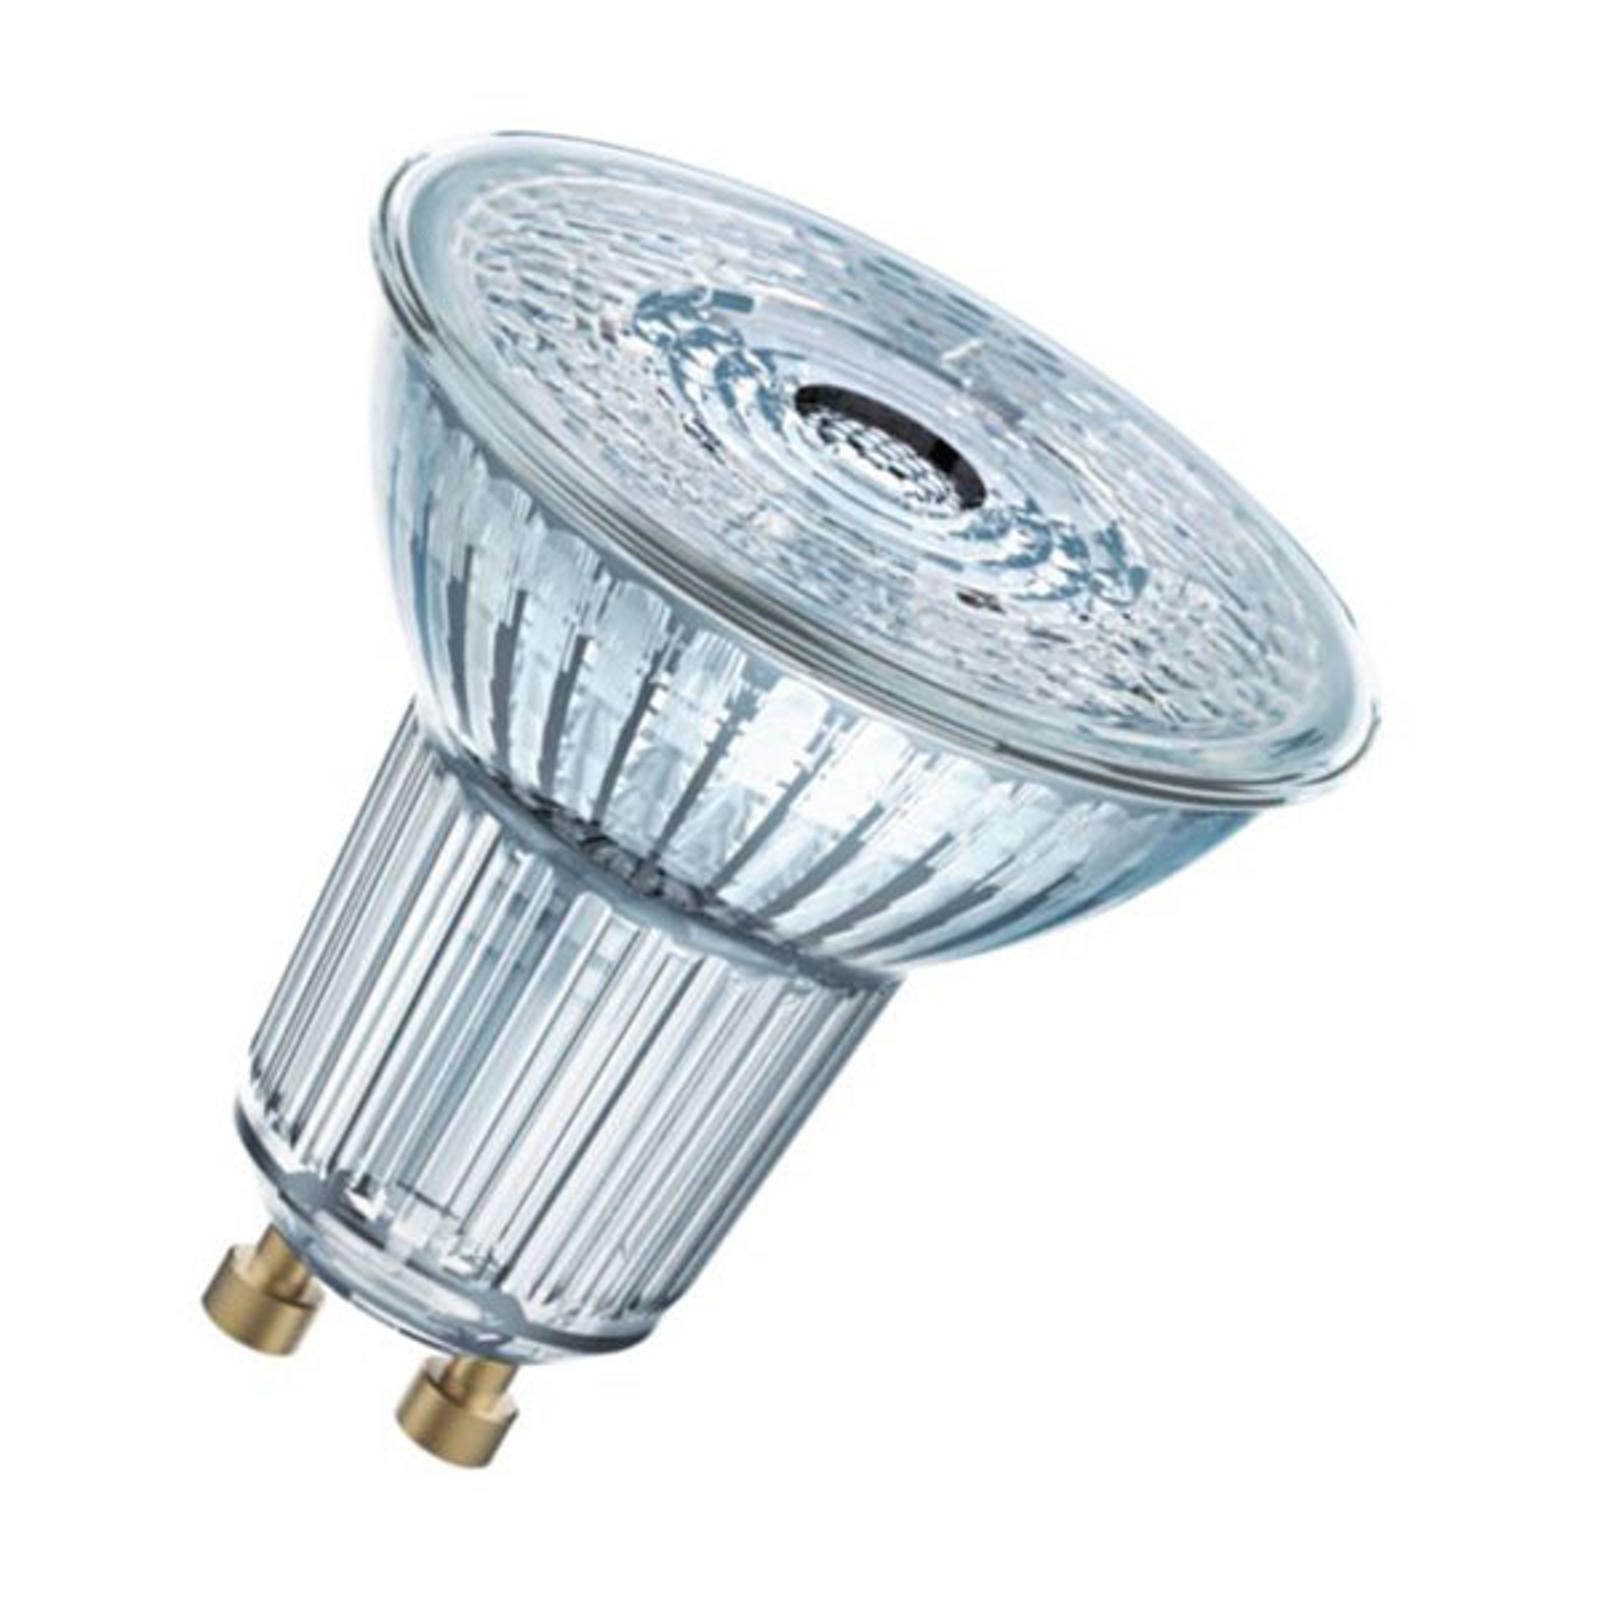 OSRAM LED-Reflektor Star GU10 4,3W warmweiß 36° kaufen